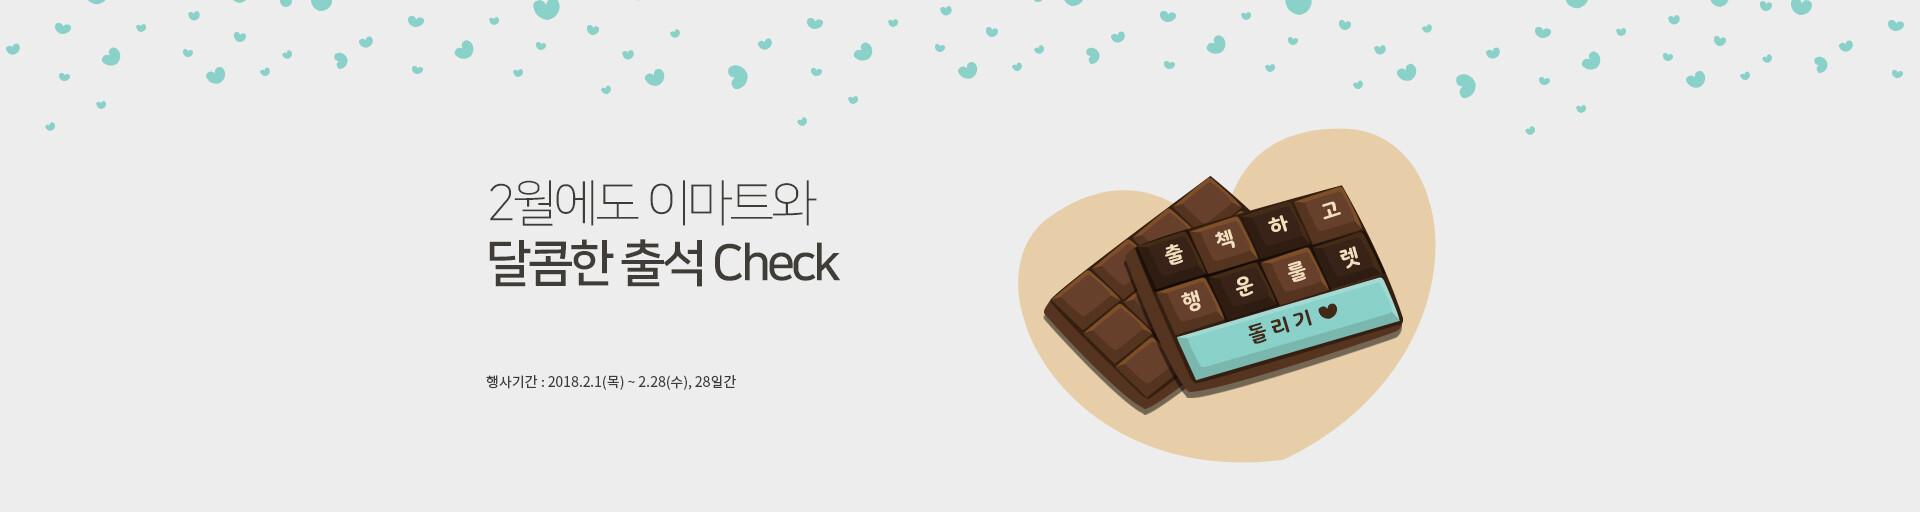 2월에도 이마트와 함께 달콤~한 출석 Check!